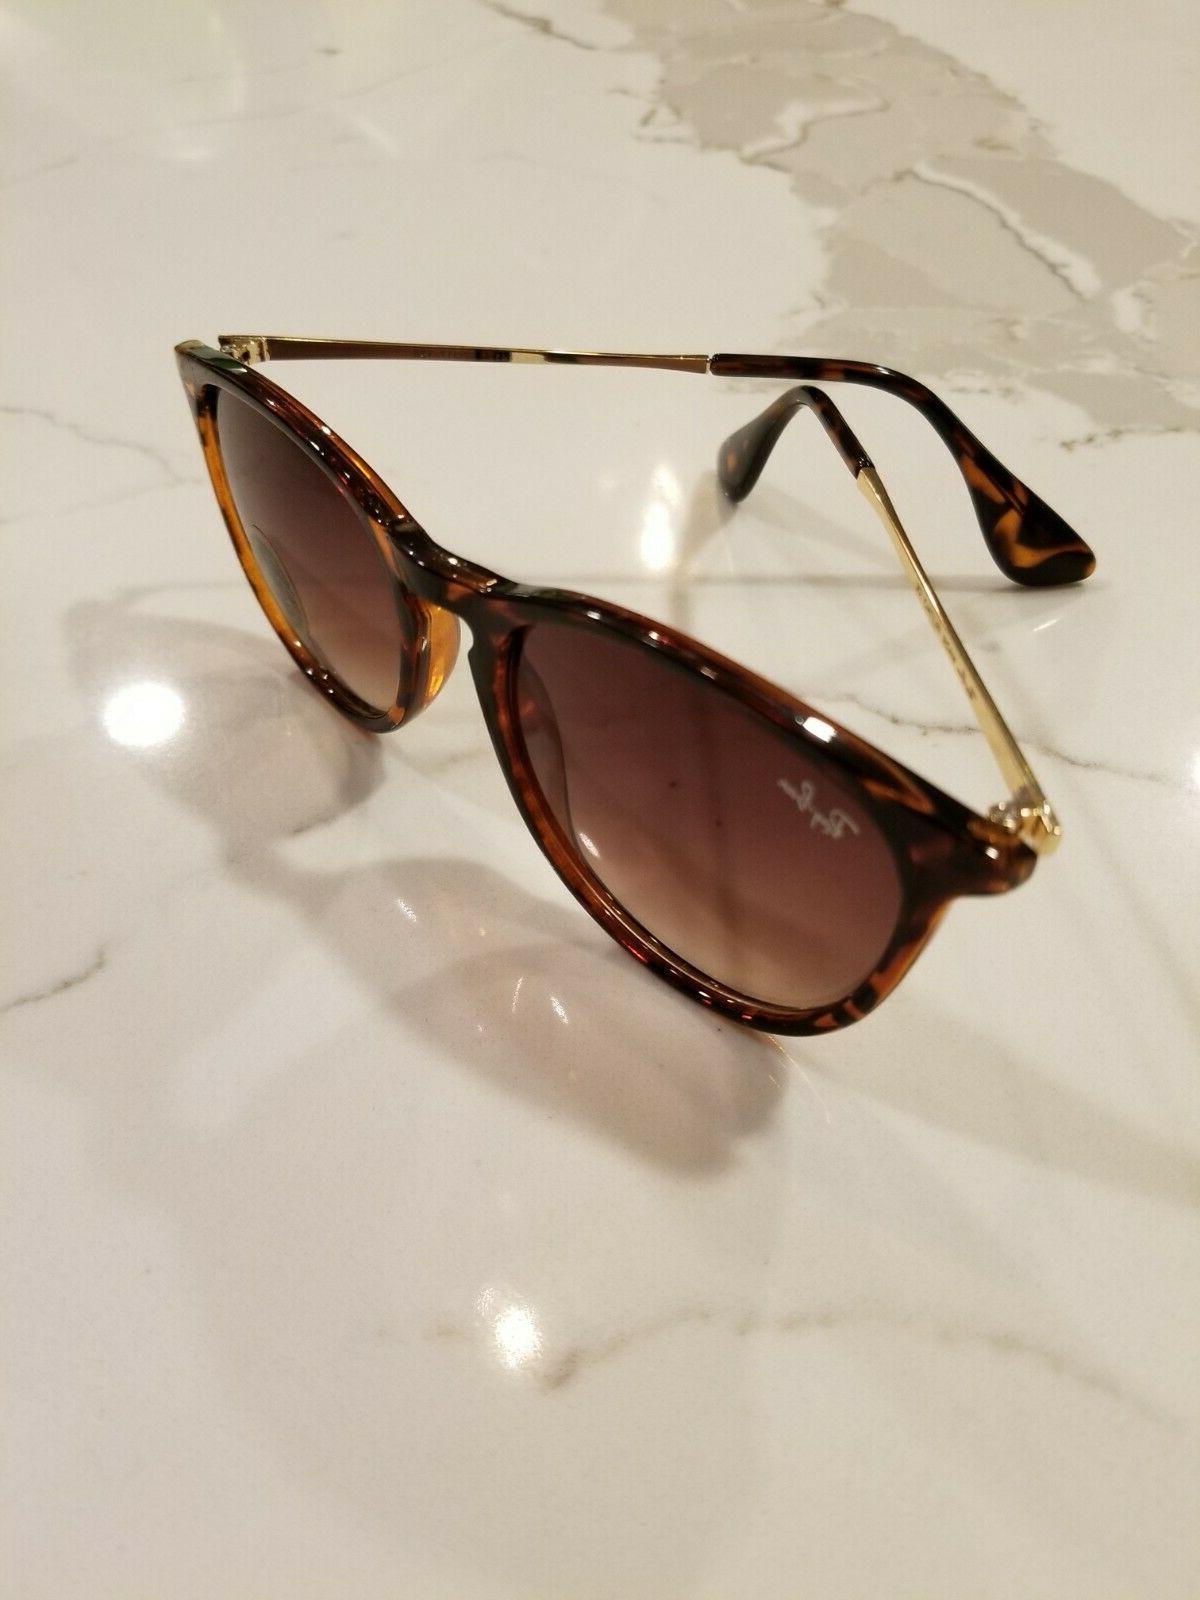 Ray-Ban Sunglasses Classics 865/13 54mm